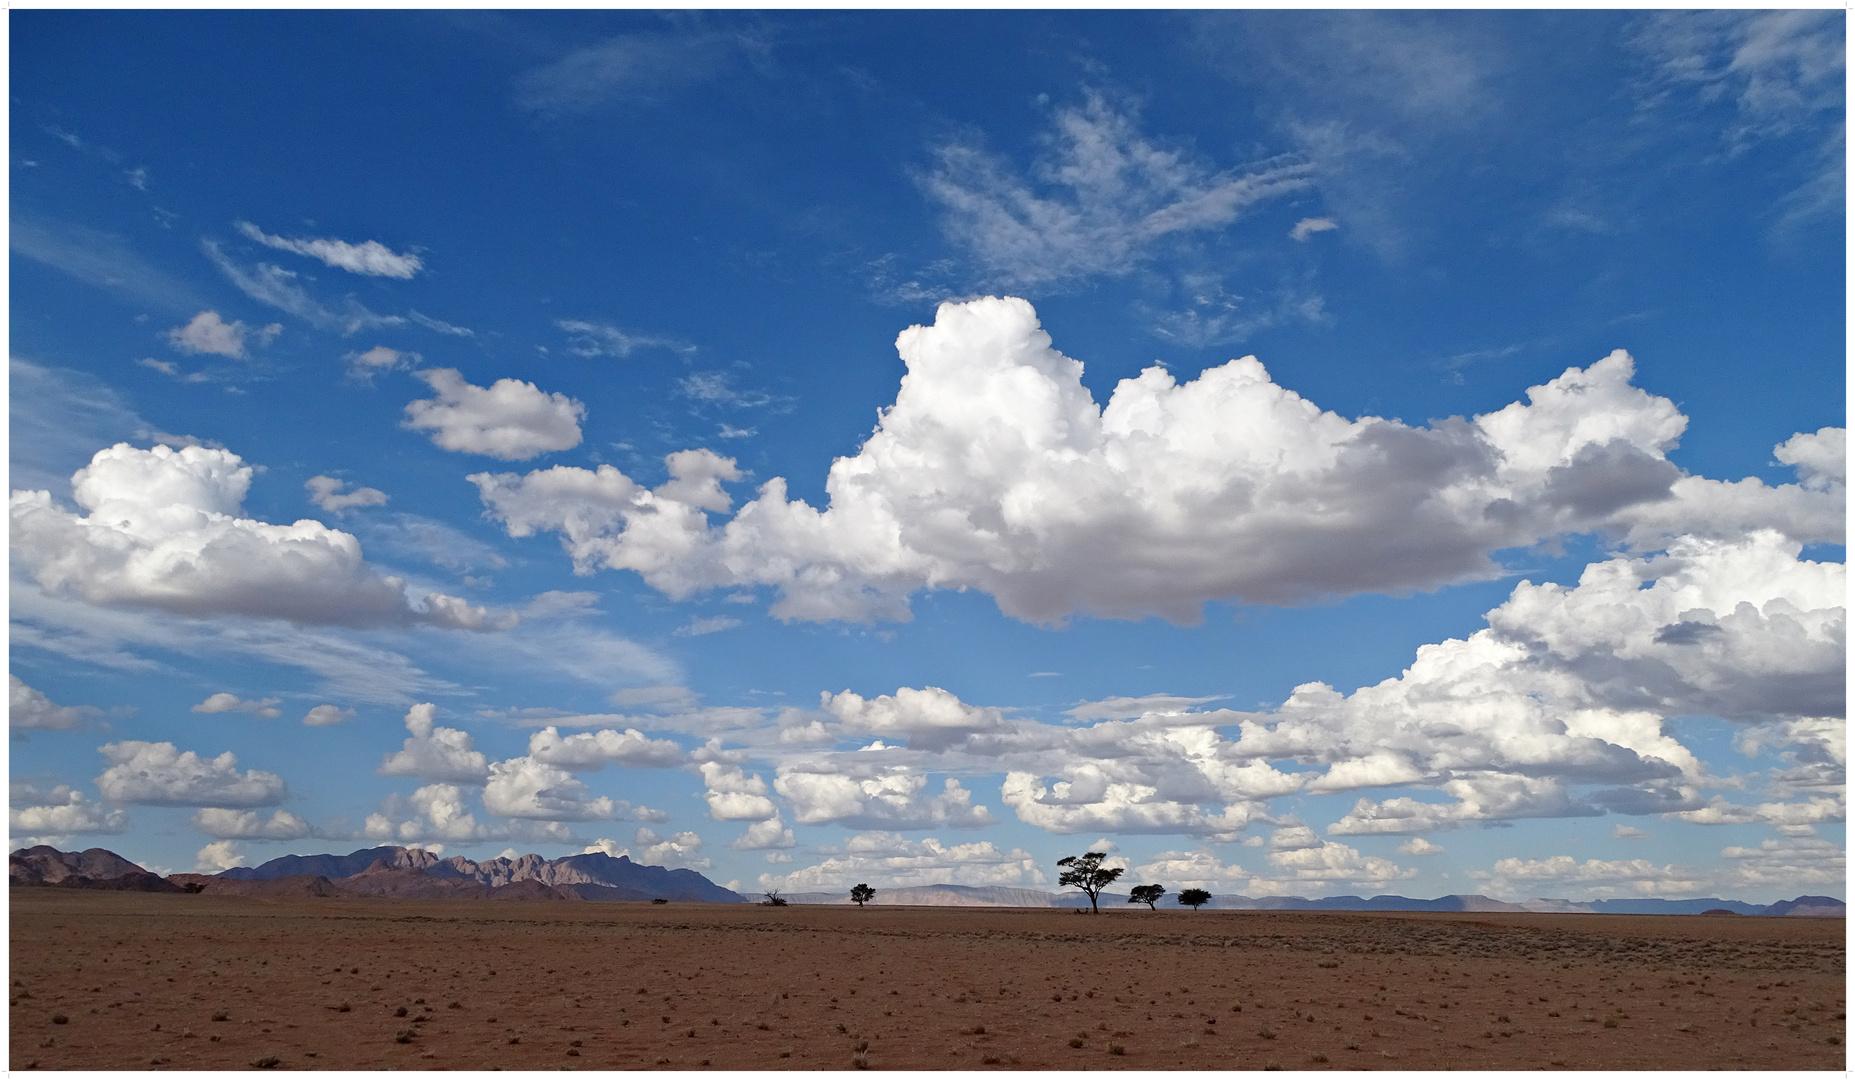 Der Himmel über der Wüste